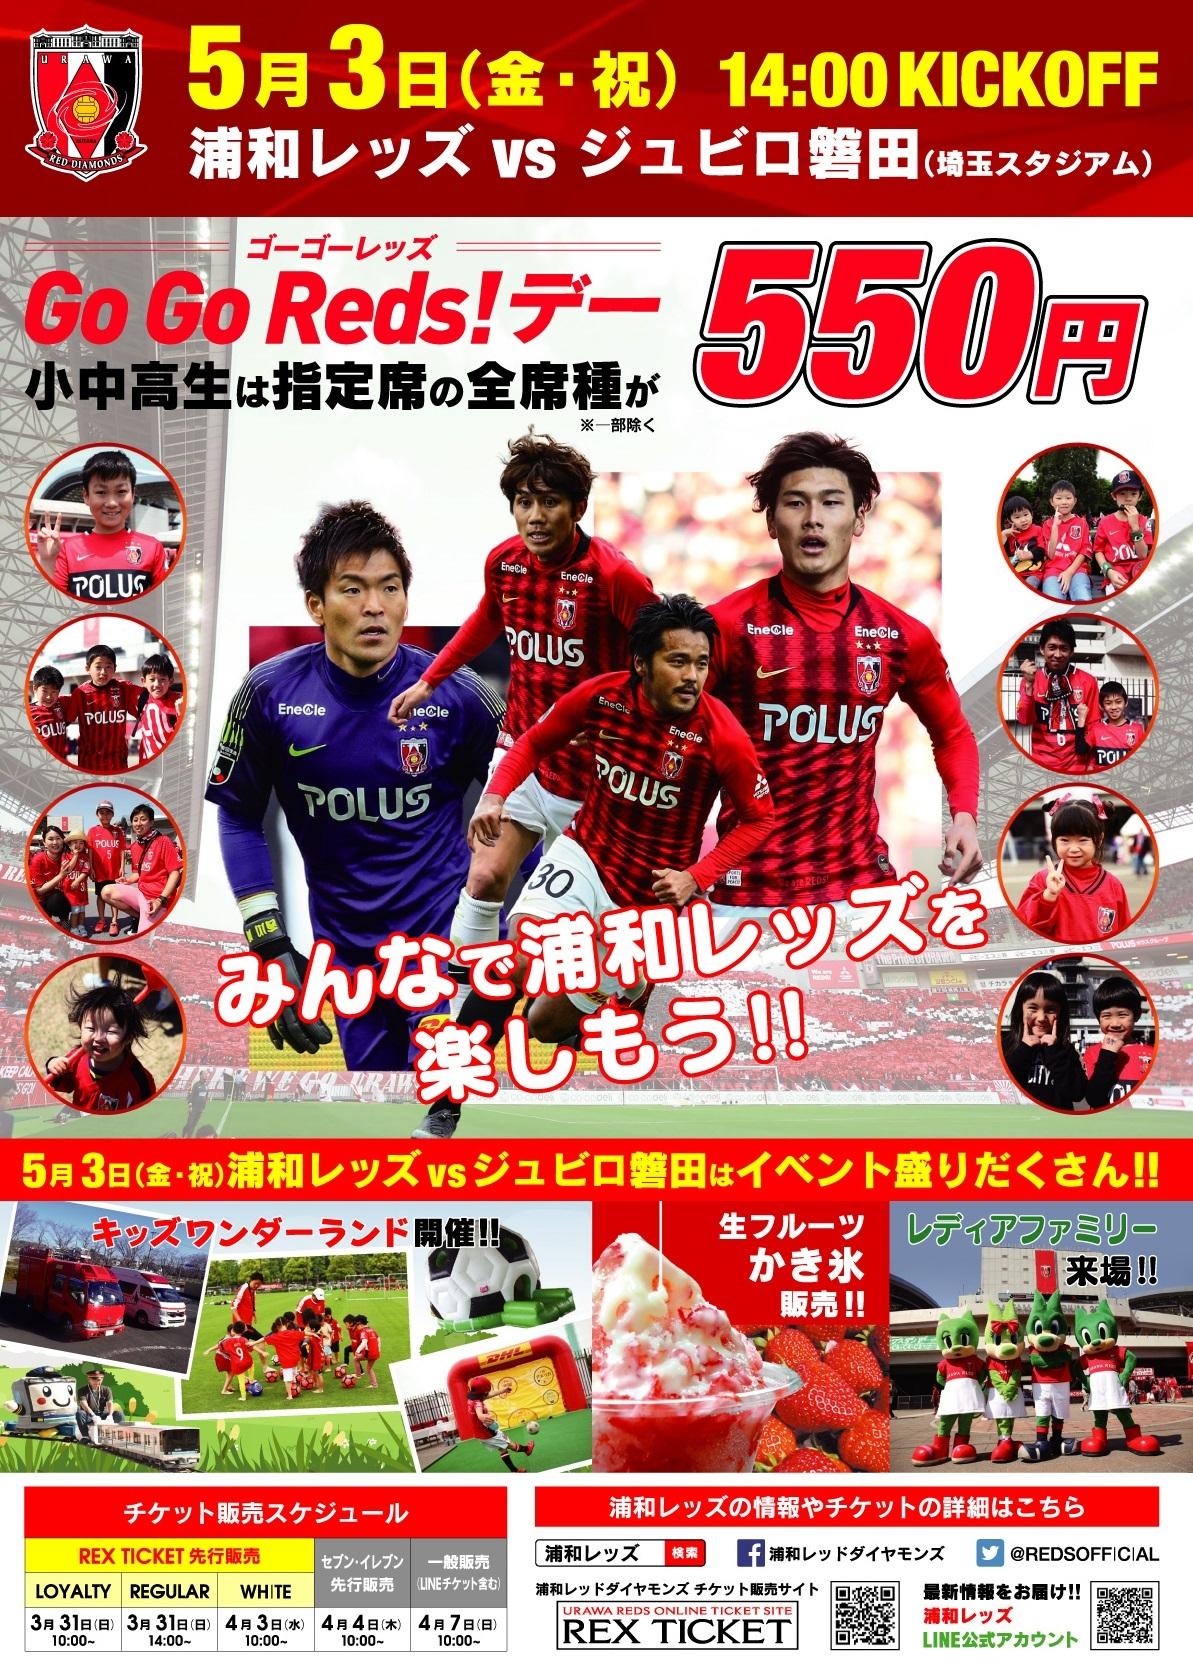 """小中高校生のチケット価格が""""Go Go Reds""""価格に!?"""